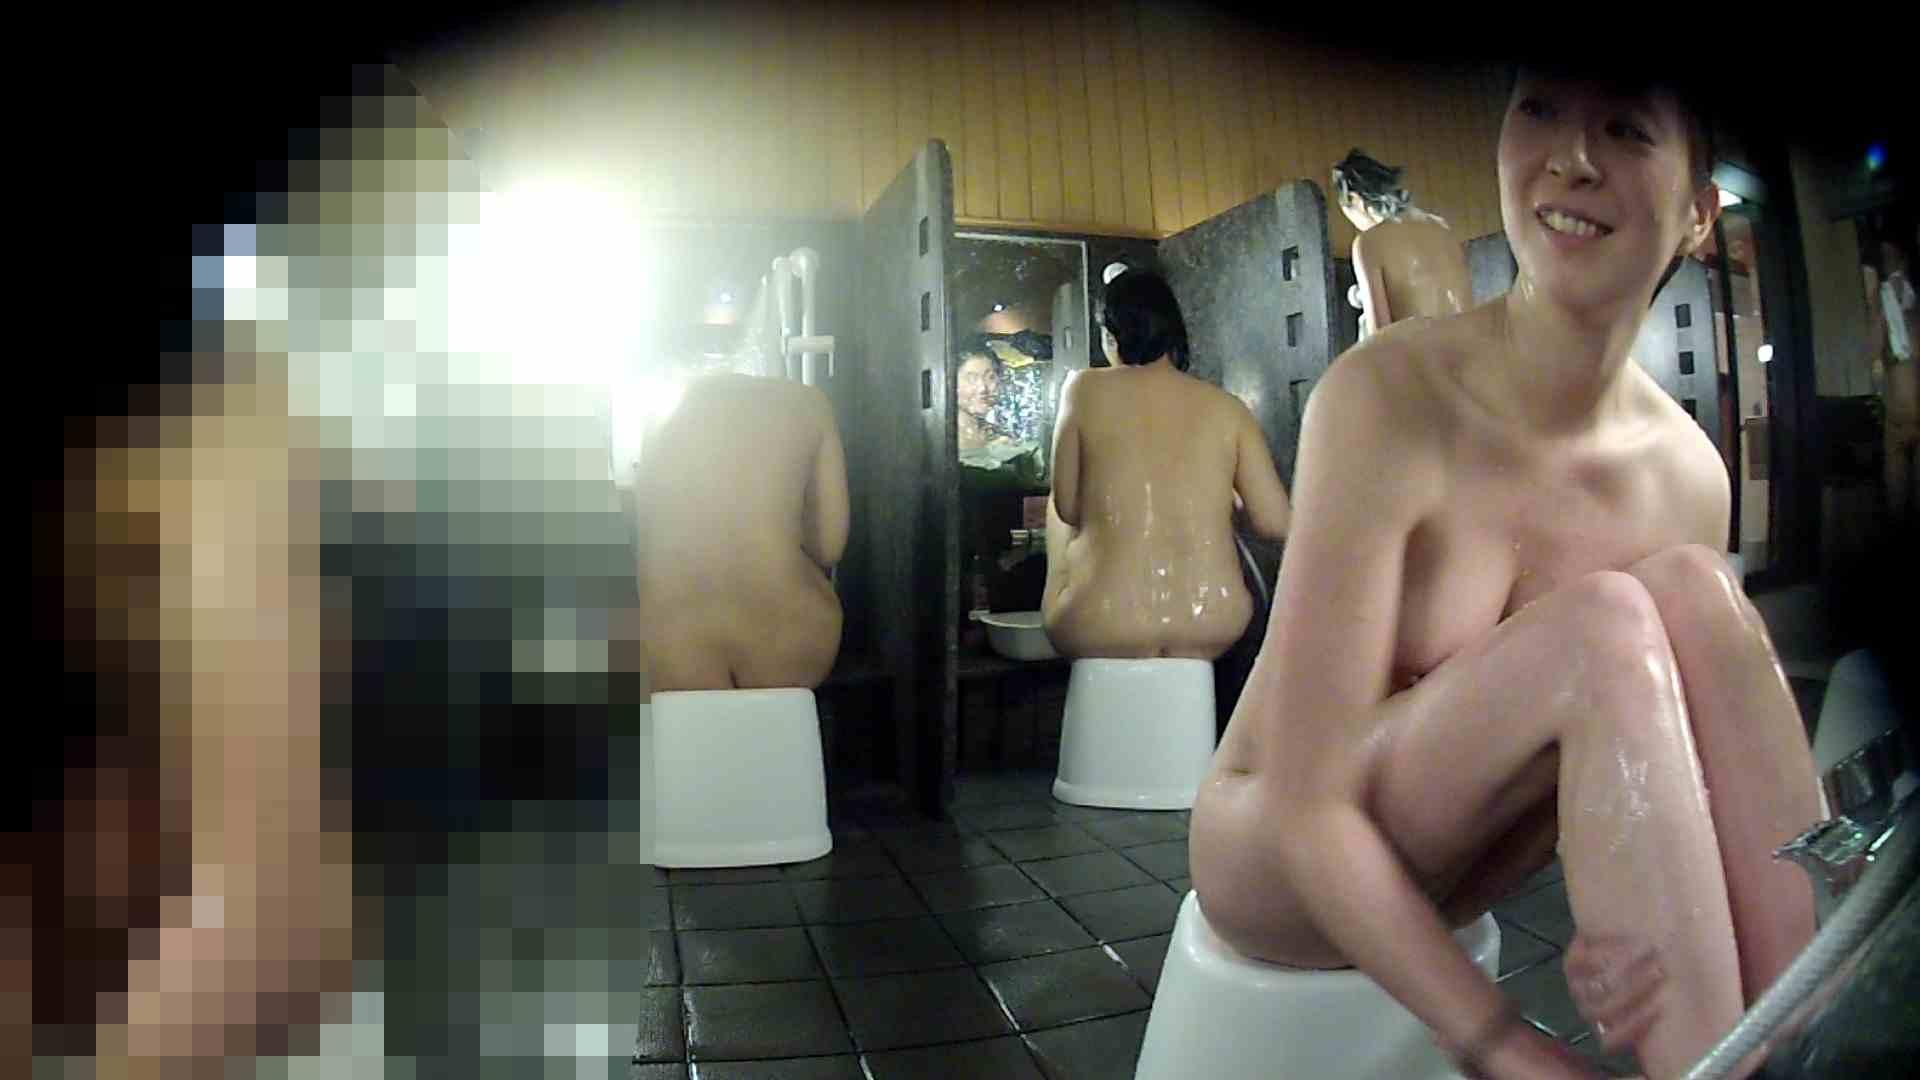 潜入女盗撮師のスーパー銭湯 Vol.02 潜入 セックス画像 59PIX 31